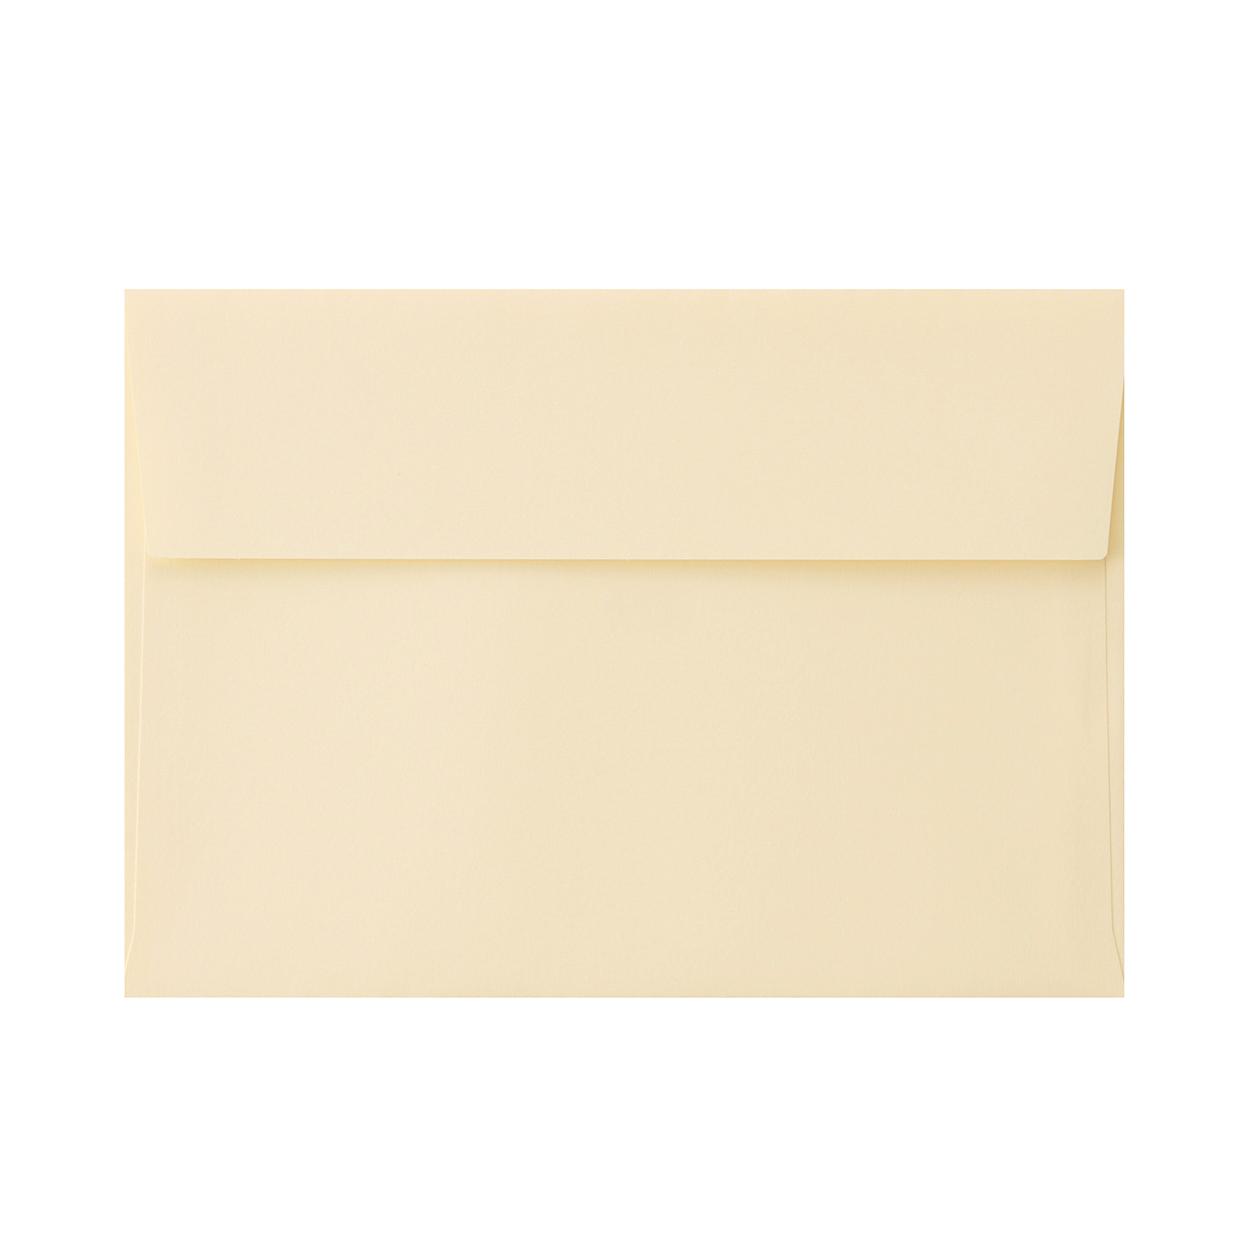 角6カマス封筒 コットン ナチュラル 116.3g